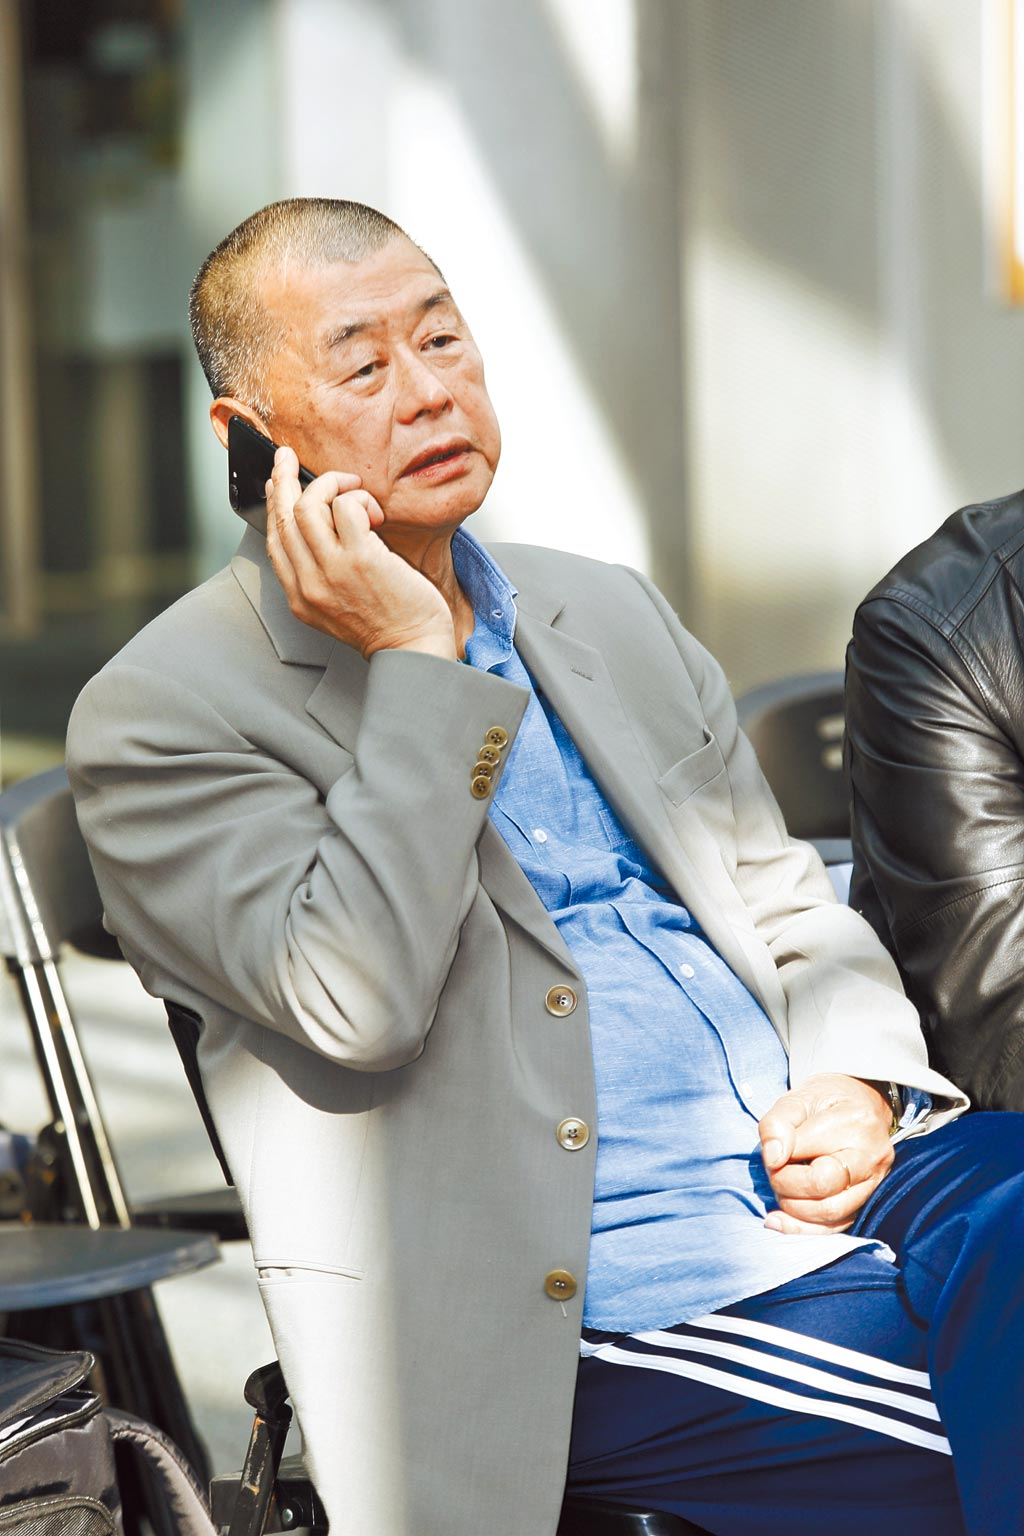 港府根據國安法,凍結黎智英持有的壹傳媒7成股份,估計逾3億港元(約合台幣10.8億元)。(本報資料照片)